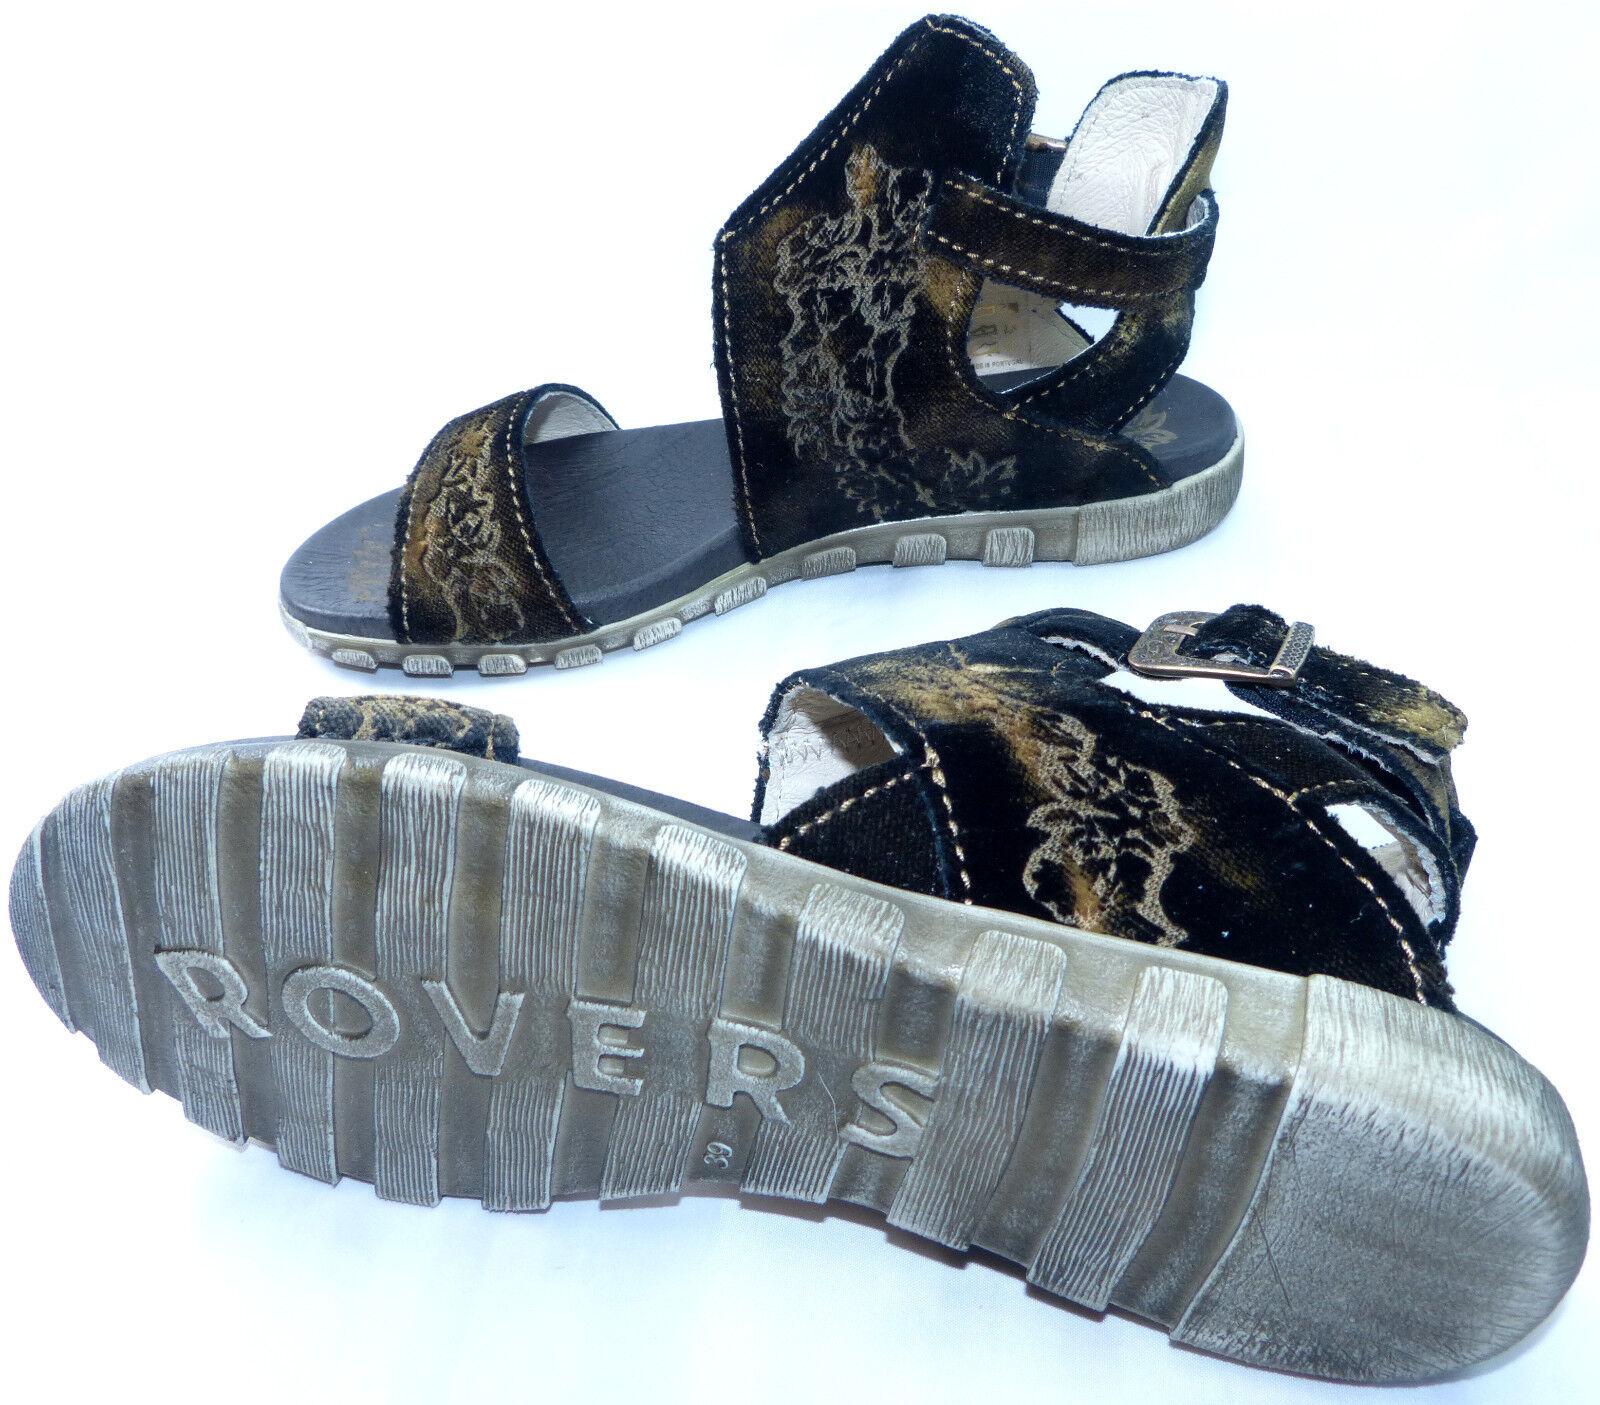 Rovers Sandalette Gr. samt 40 schwarz  samt Gr. Stiefel Stiefelette Leder neu 9a4254